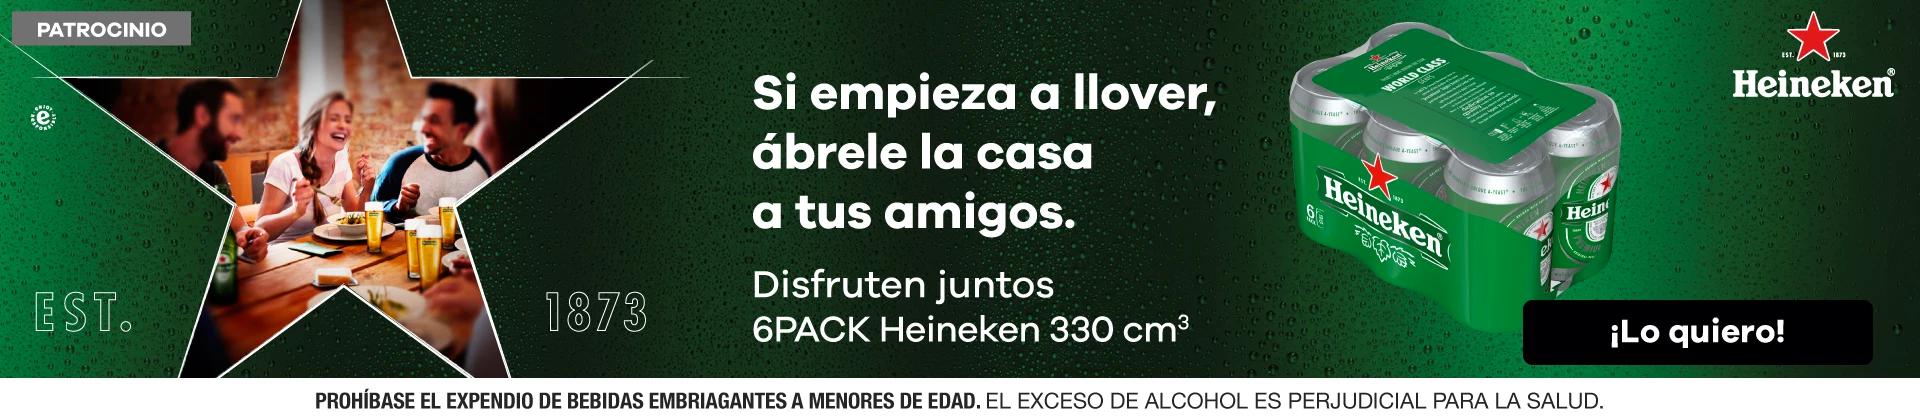 6 pack Heineken